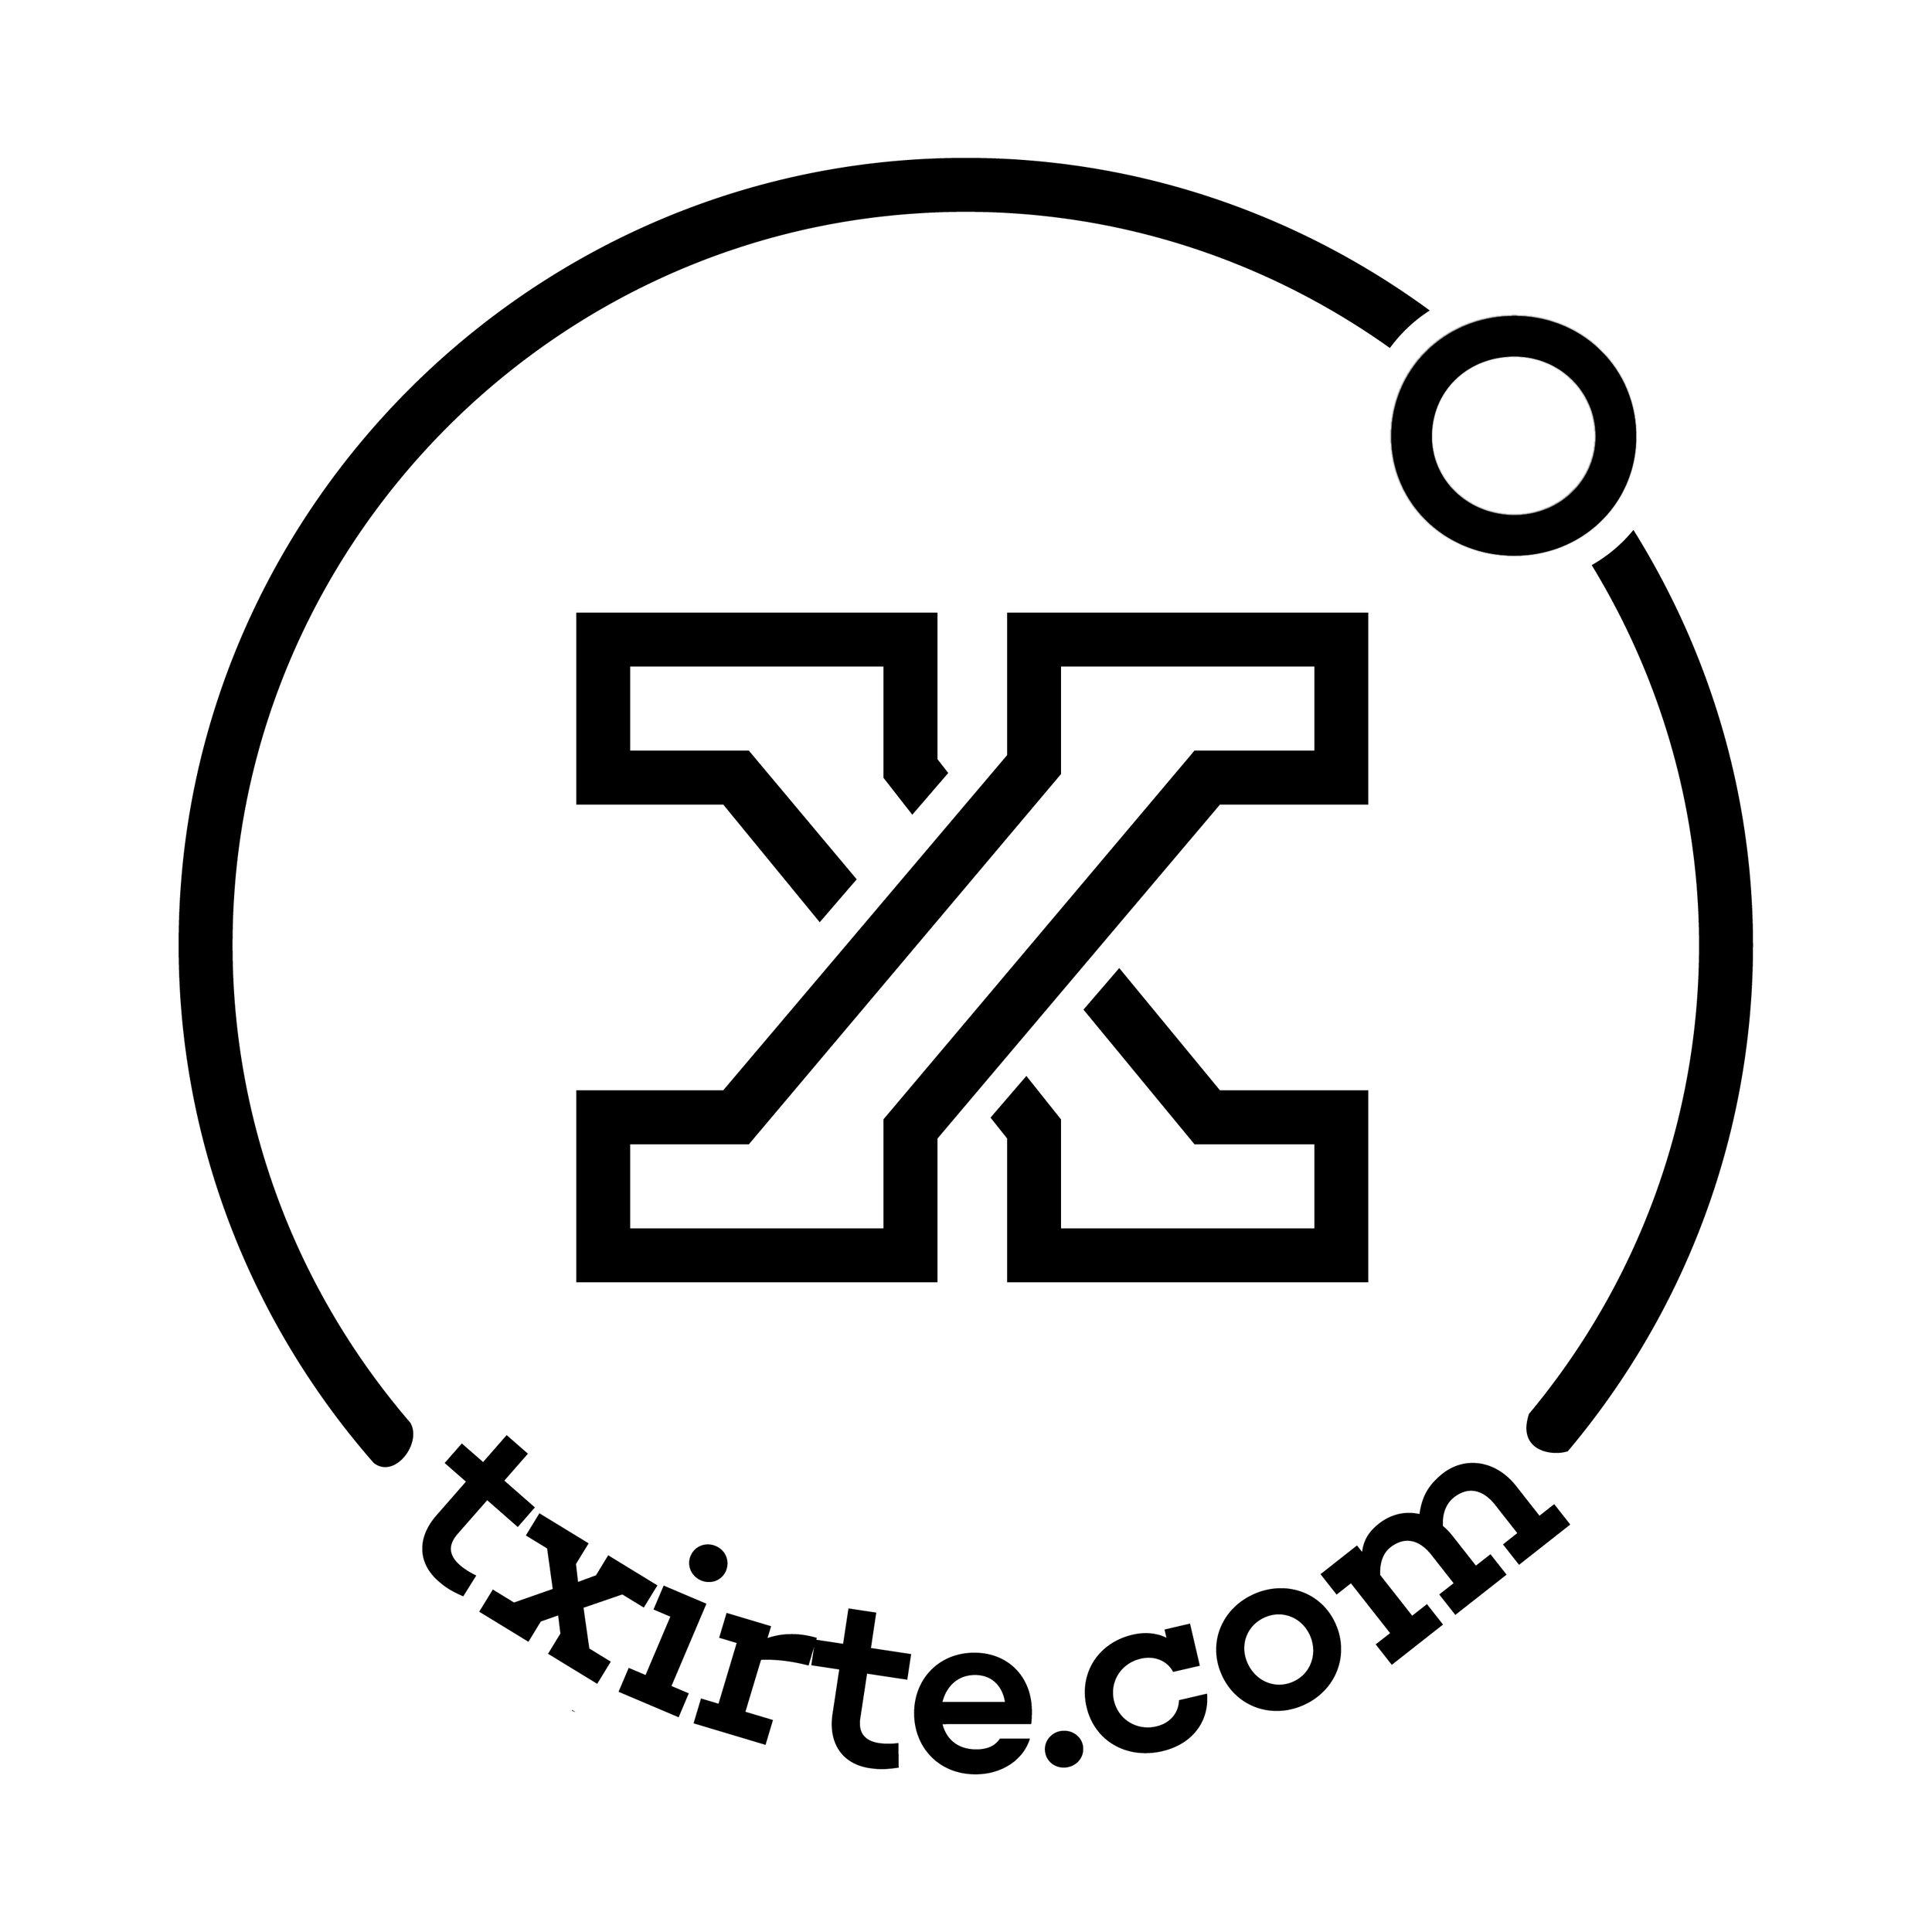 logotipo TXIRTE- branco.jpg